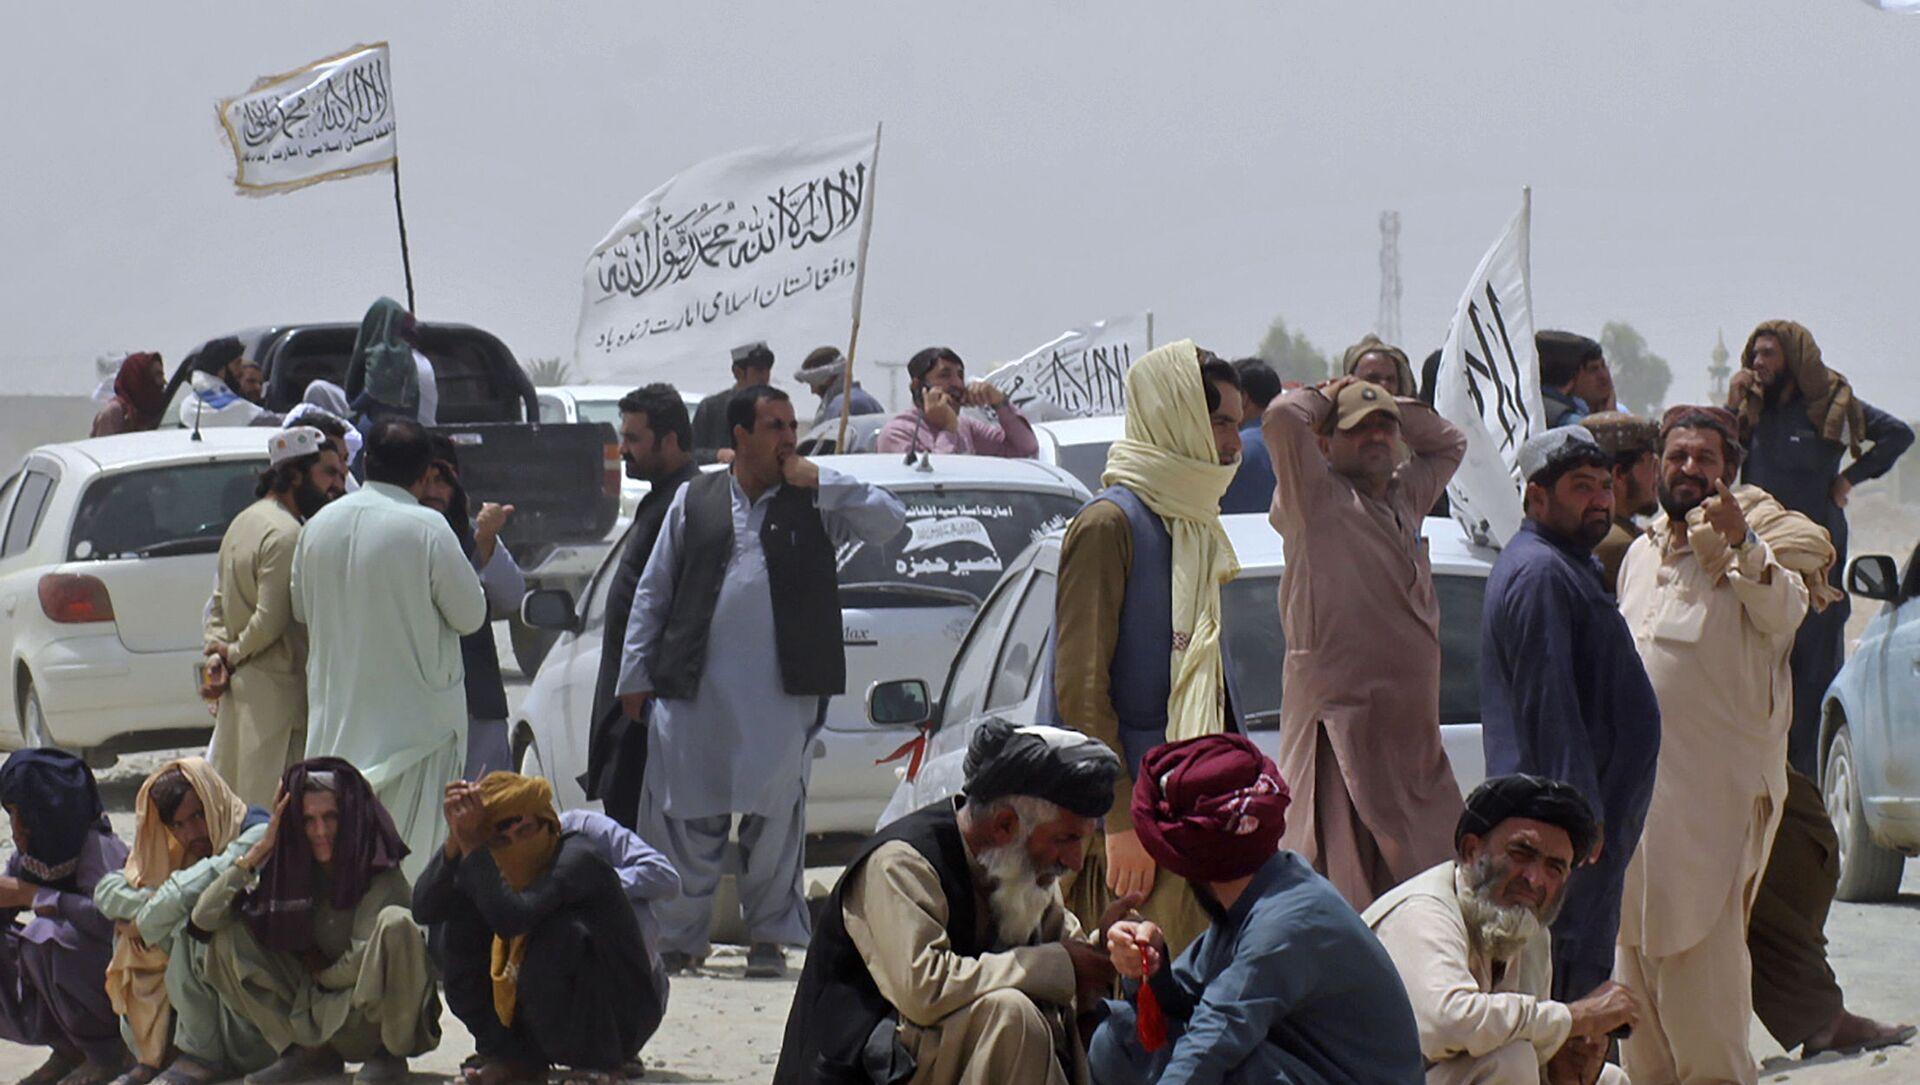 Боевики движения Талибан (террористическая группировка, запрещеннфая в РФ) , 17 авгутса 2021 года  - Sputnik Azərbaycan, 1920, 28.08.2021